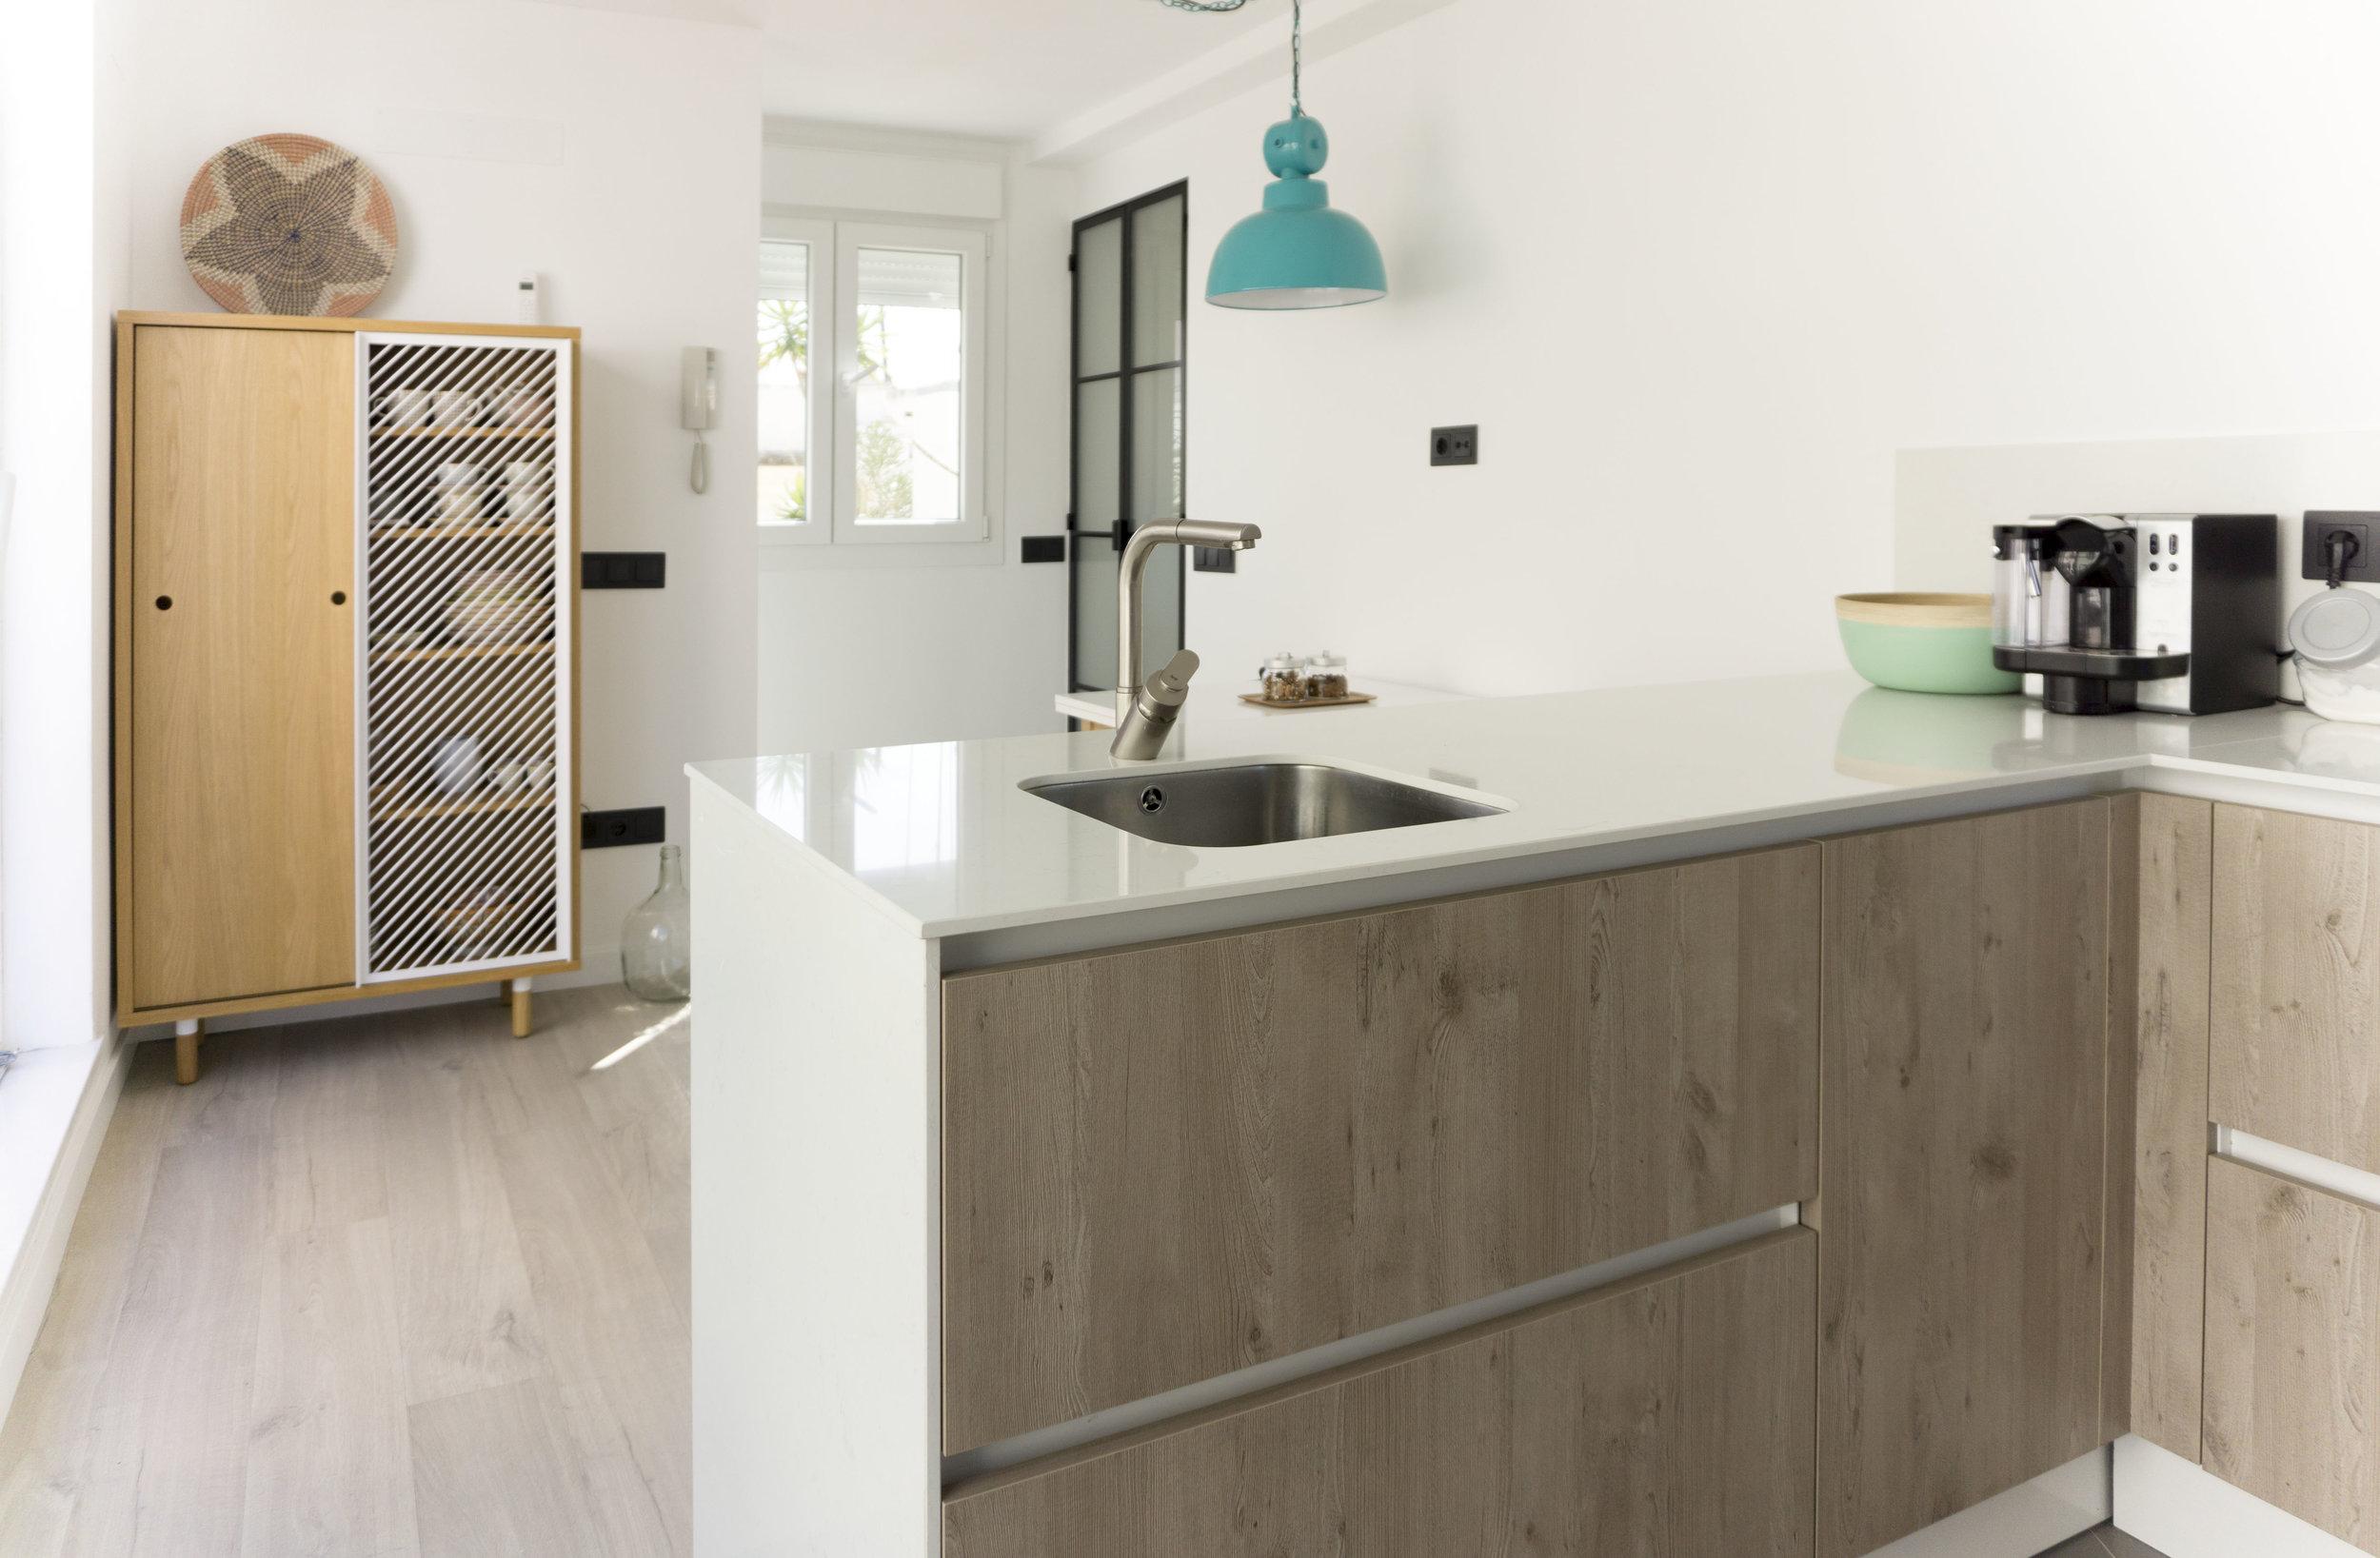 emmme studio AD cocina office el hogar de Laura y Pedro.jpg